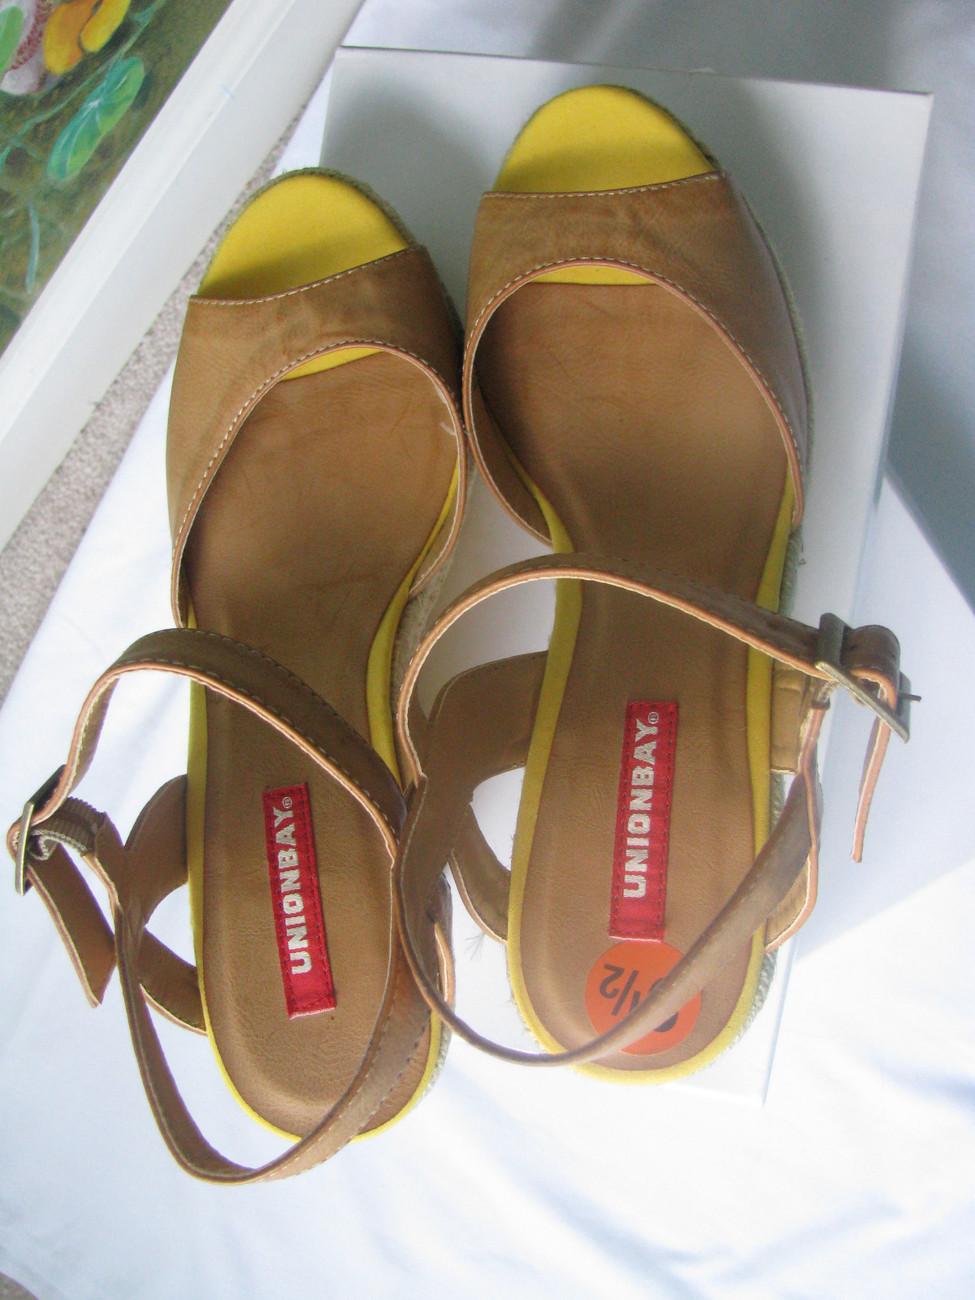 UNIONBAY Platforms / Weddge Women Sandals Shoes size 9.5 New